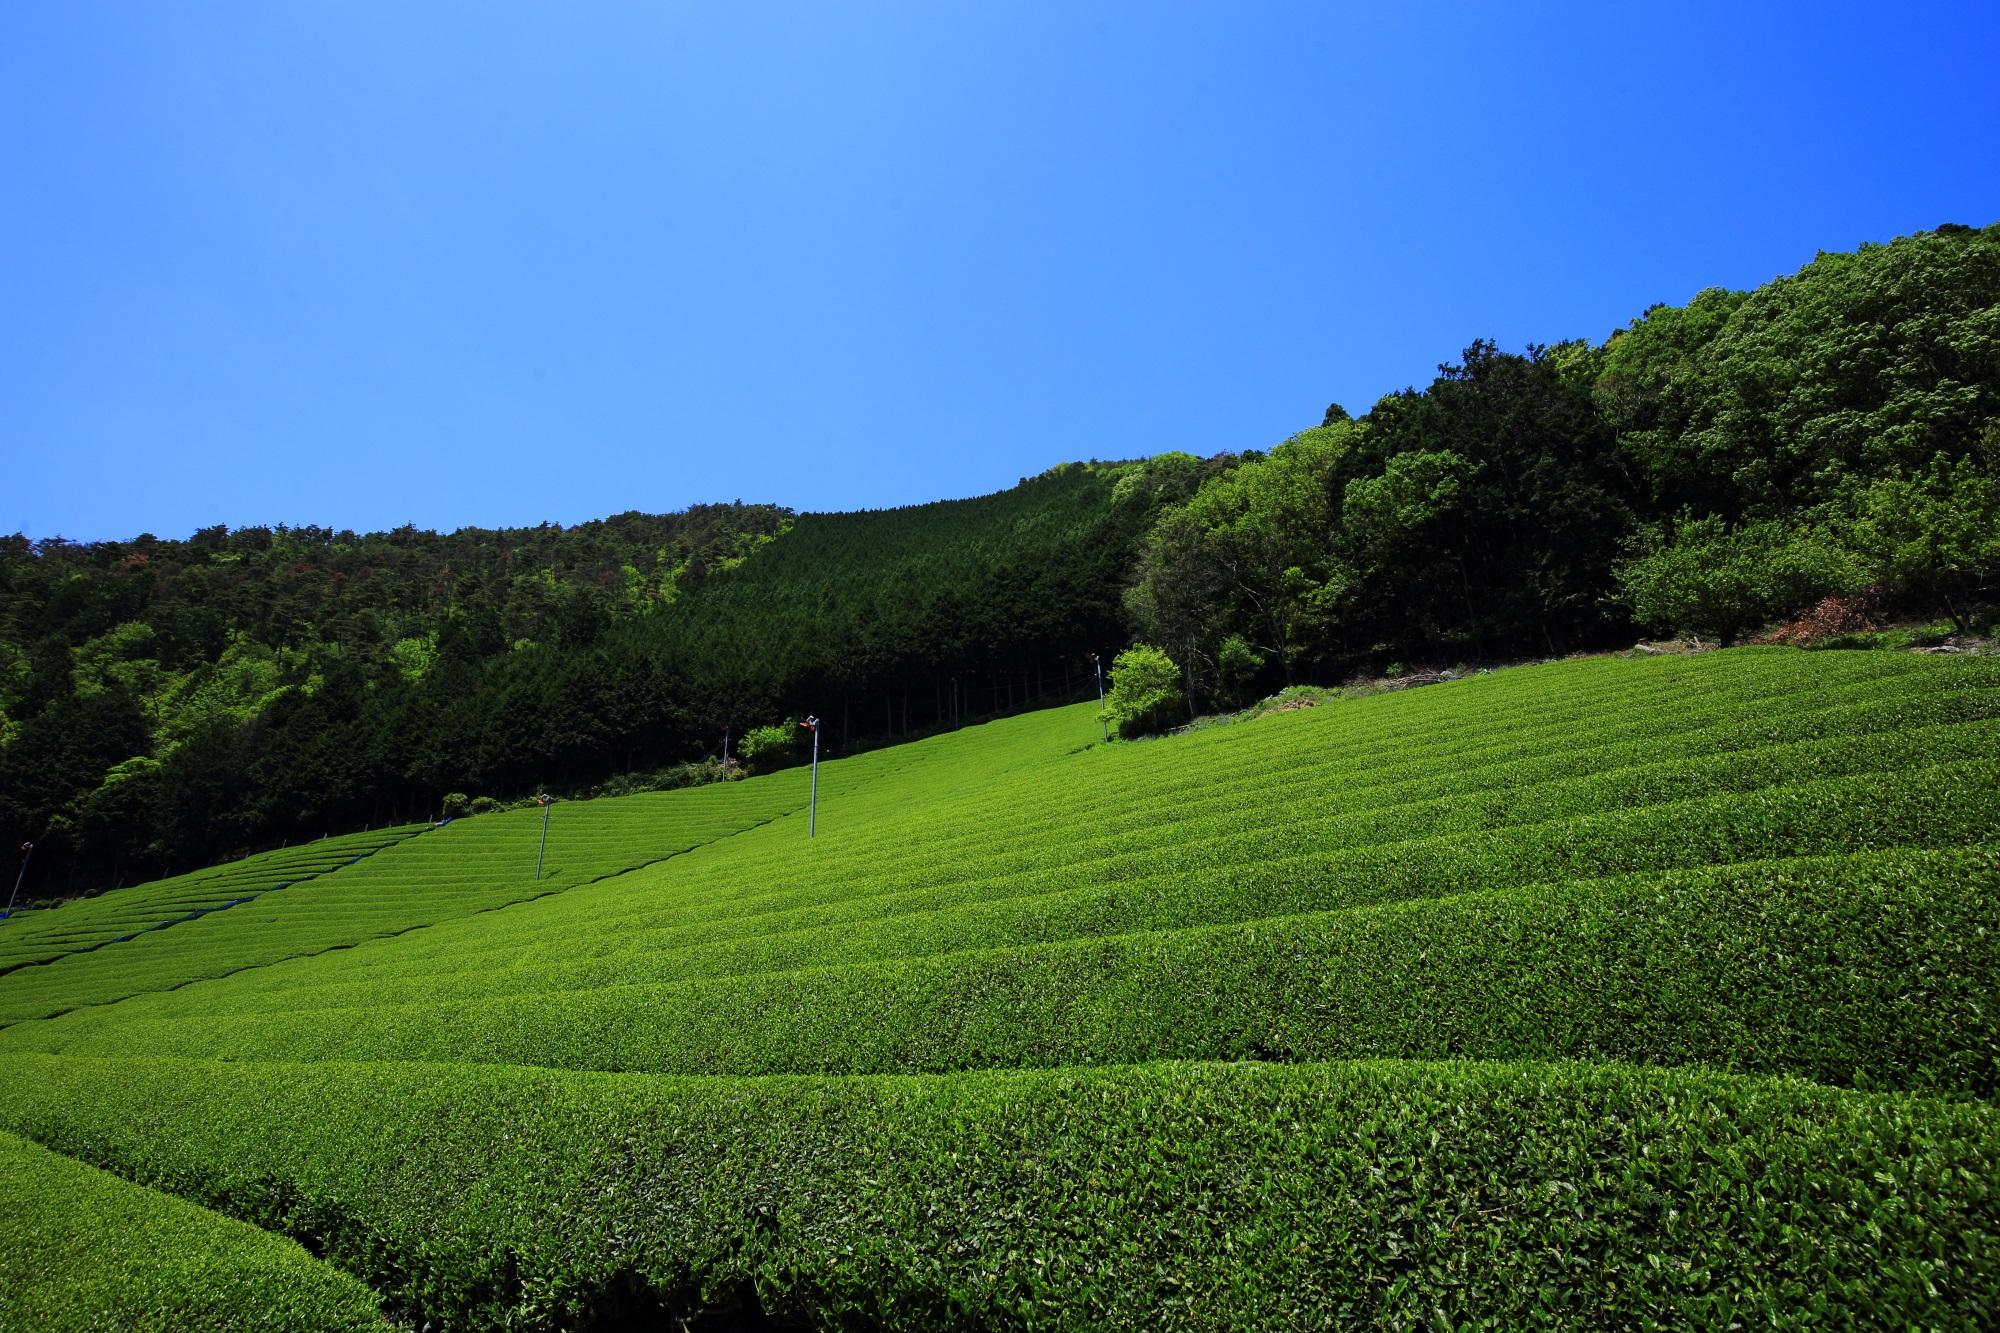 高画質 和束町 茶畑 画像